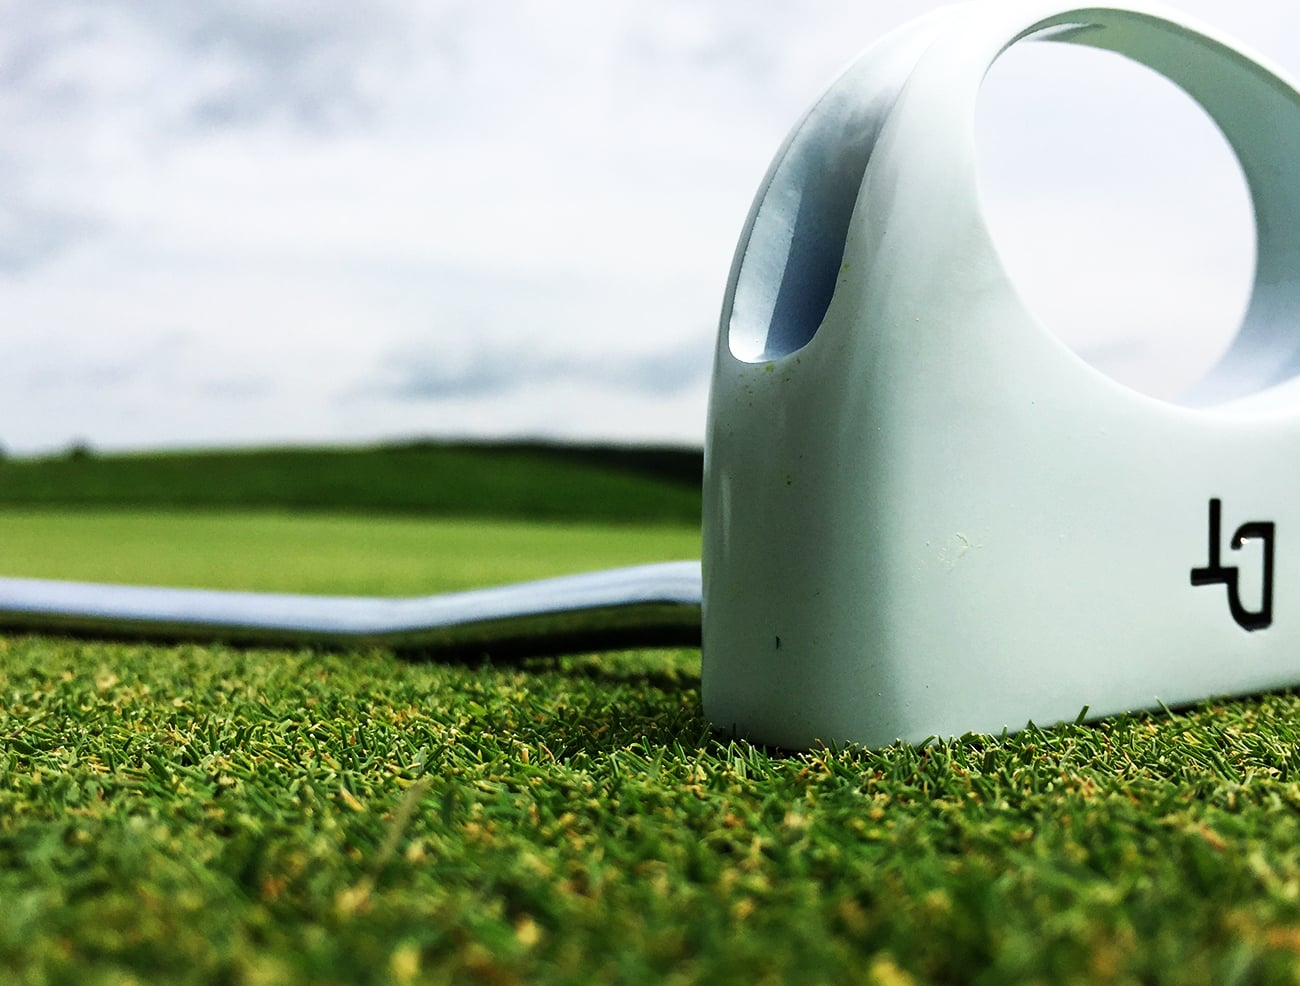 DT Premium Affordable Golf Putter